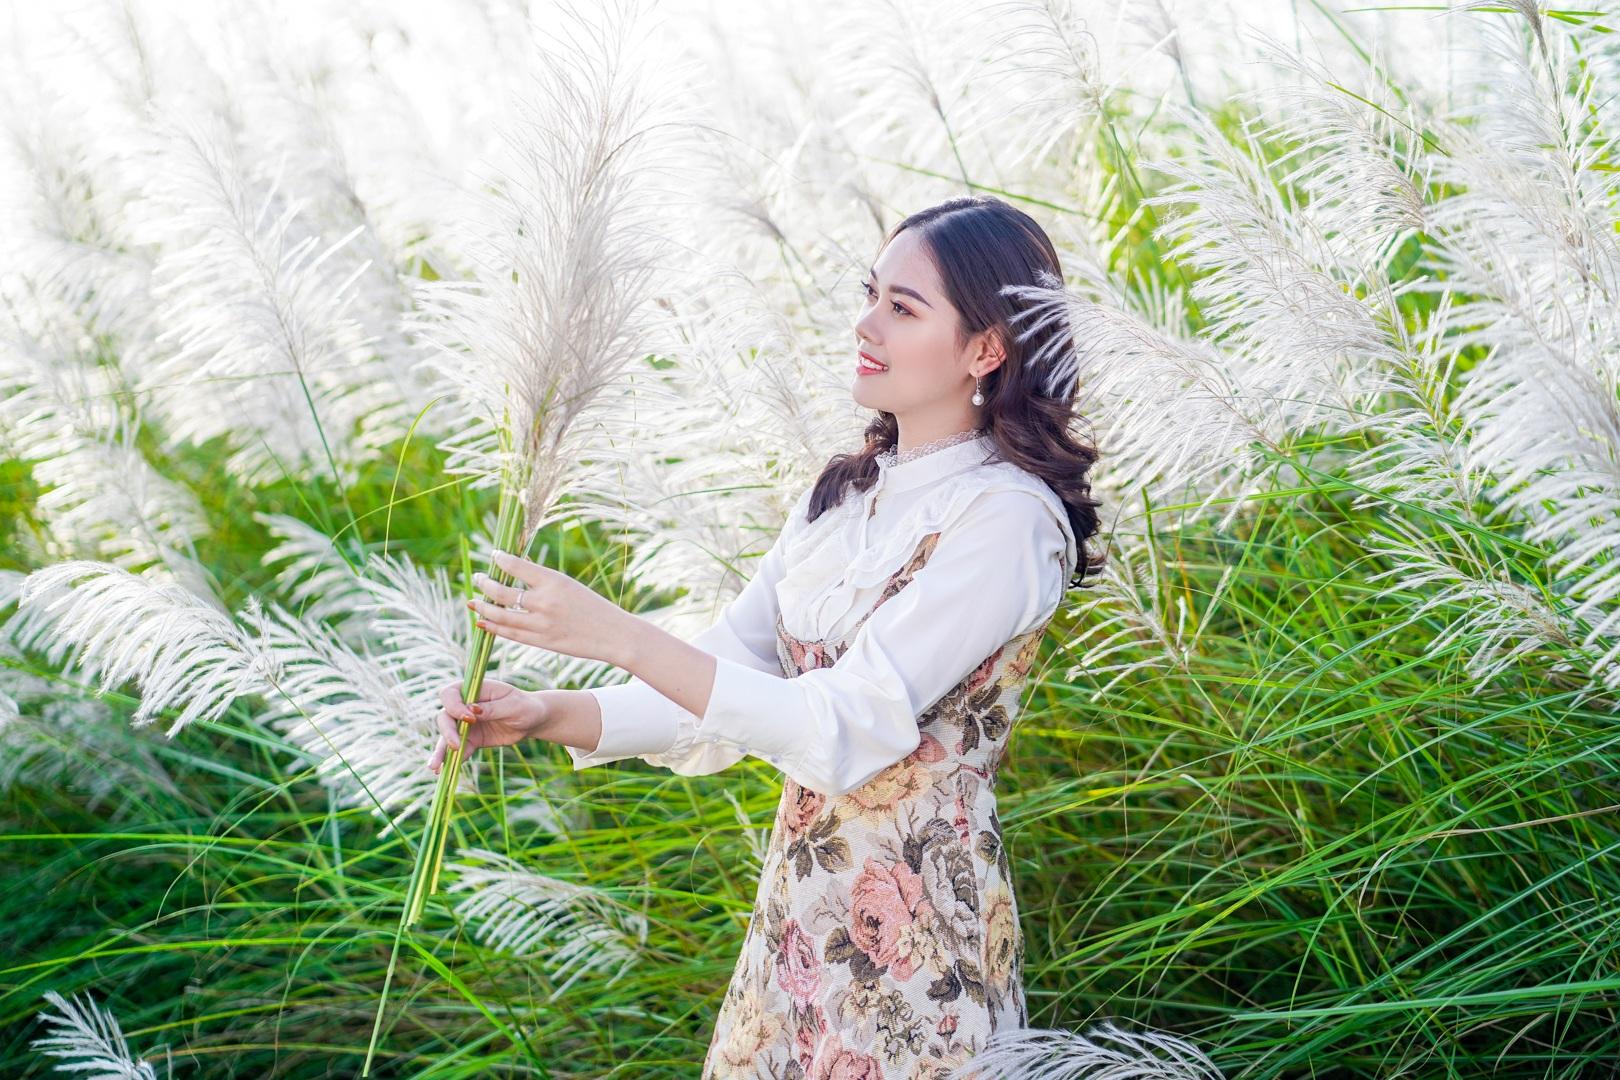 Bãi cỏ lau trắng tuyệt đẹp hút giới trẻ Hà thành tới sống ảo - 4